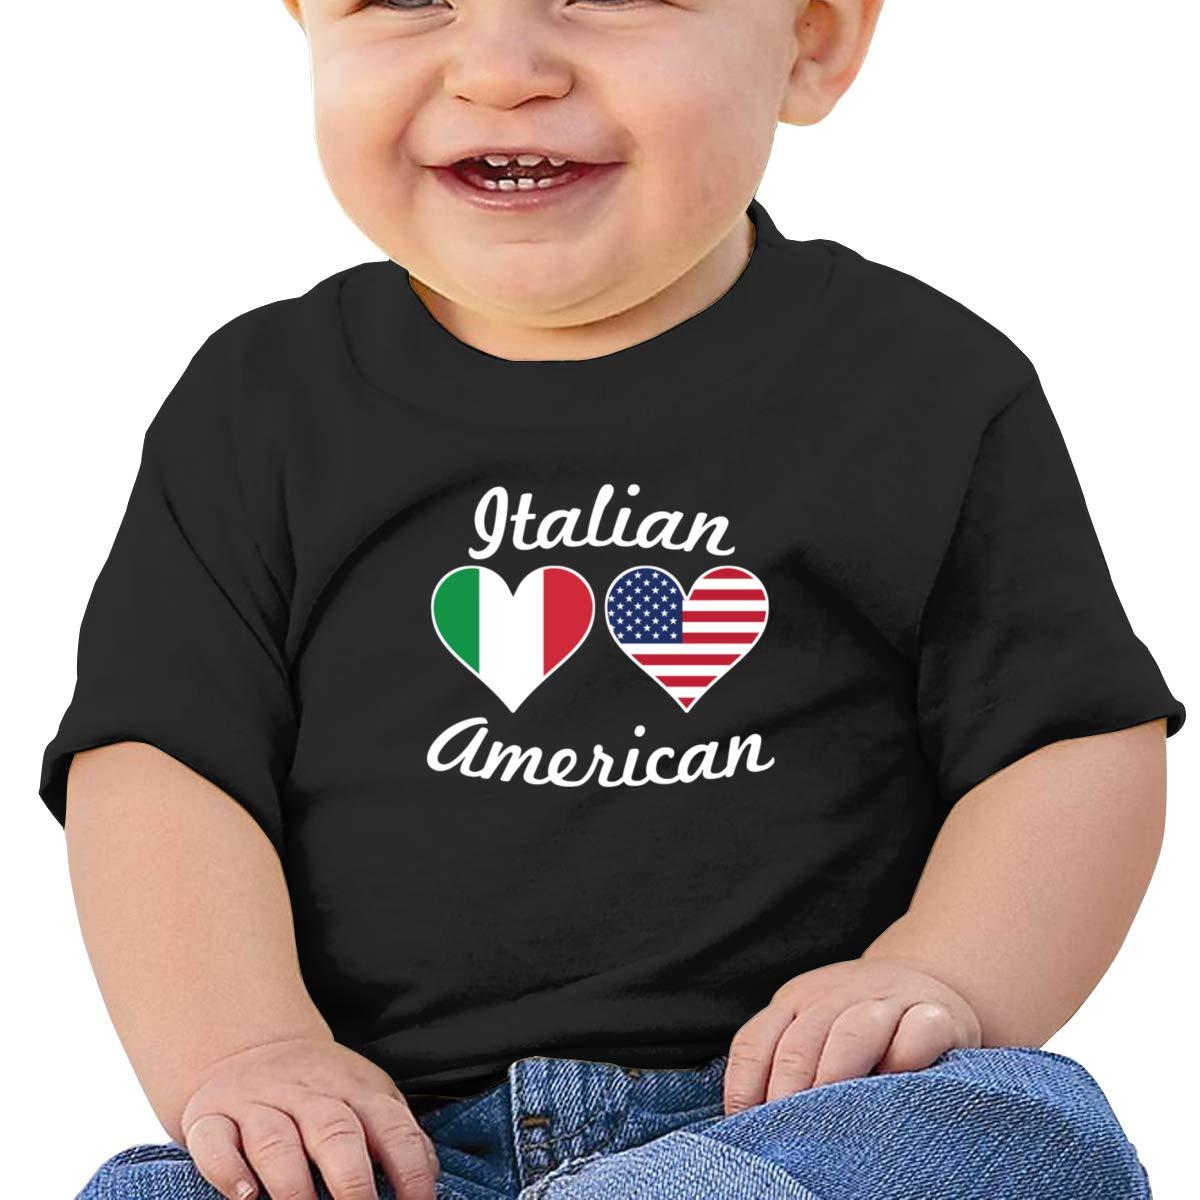 Qiop Nee American Italian Flag Heart Short Sleeves Tshirt Baby Boy